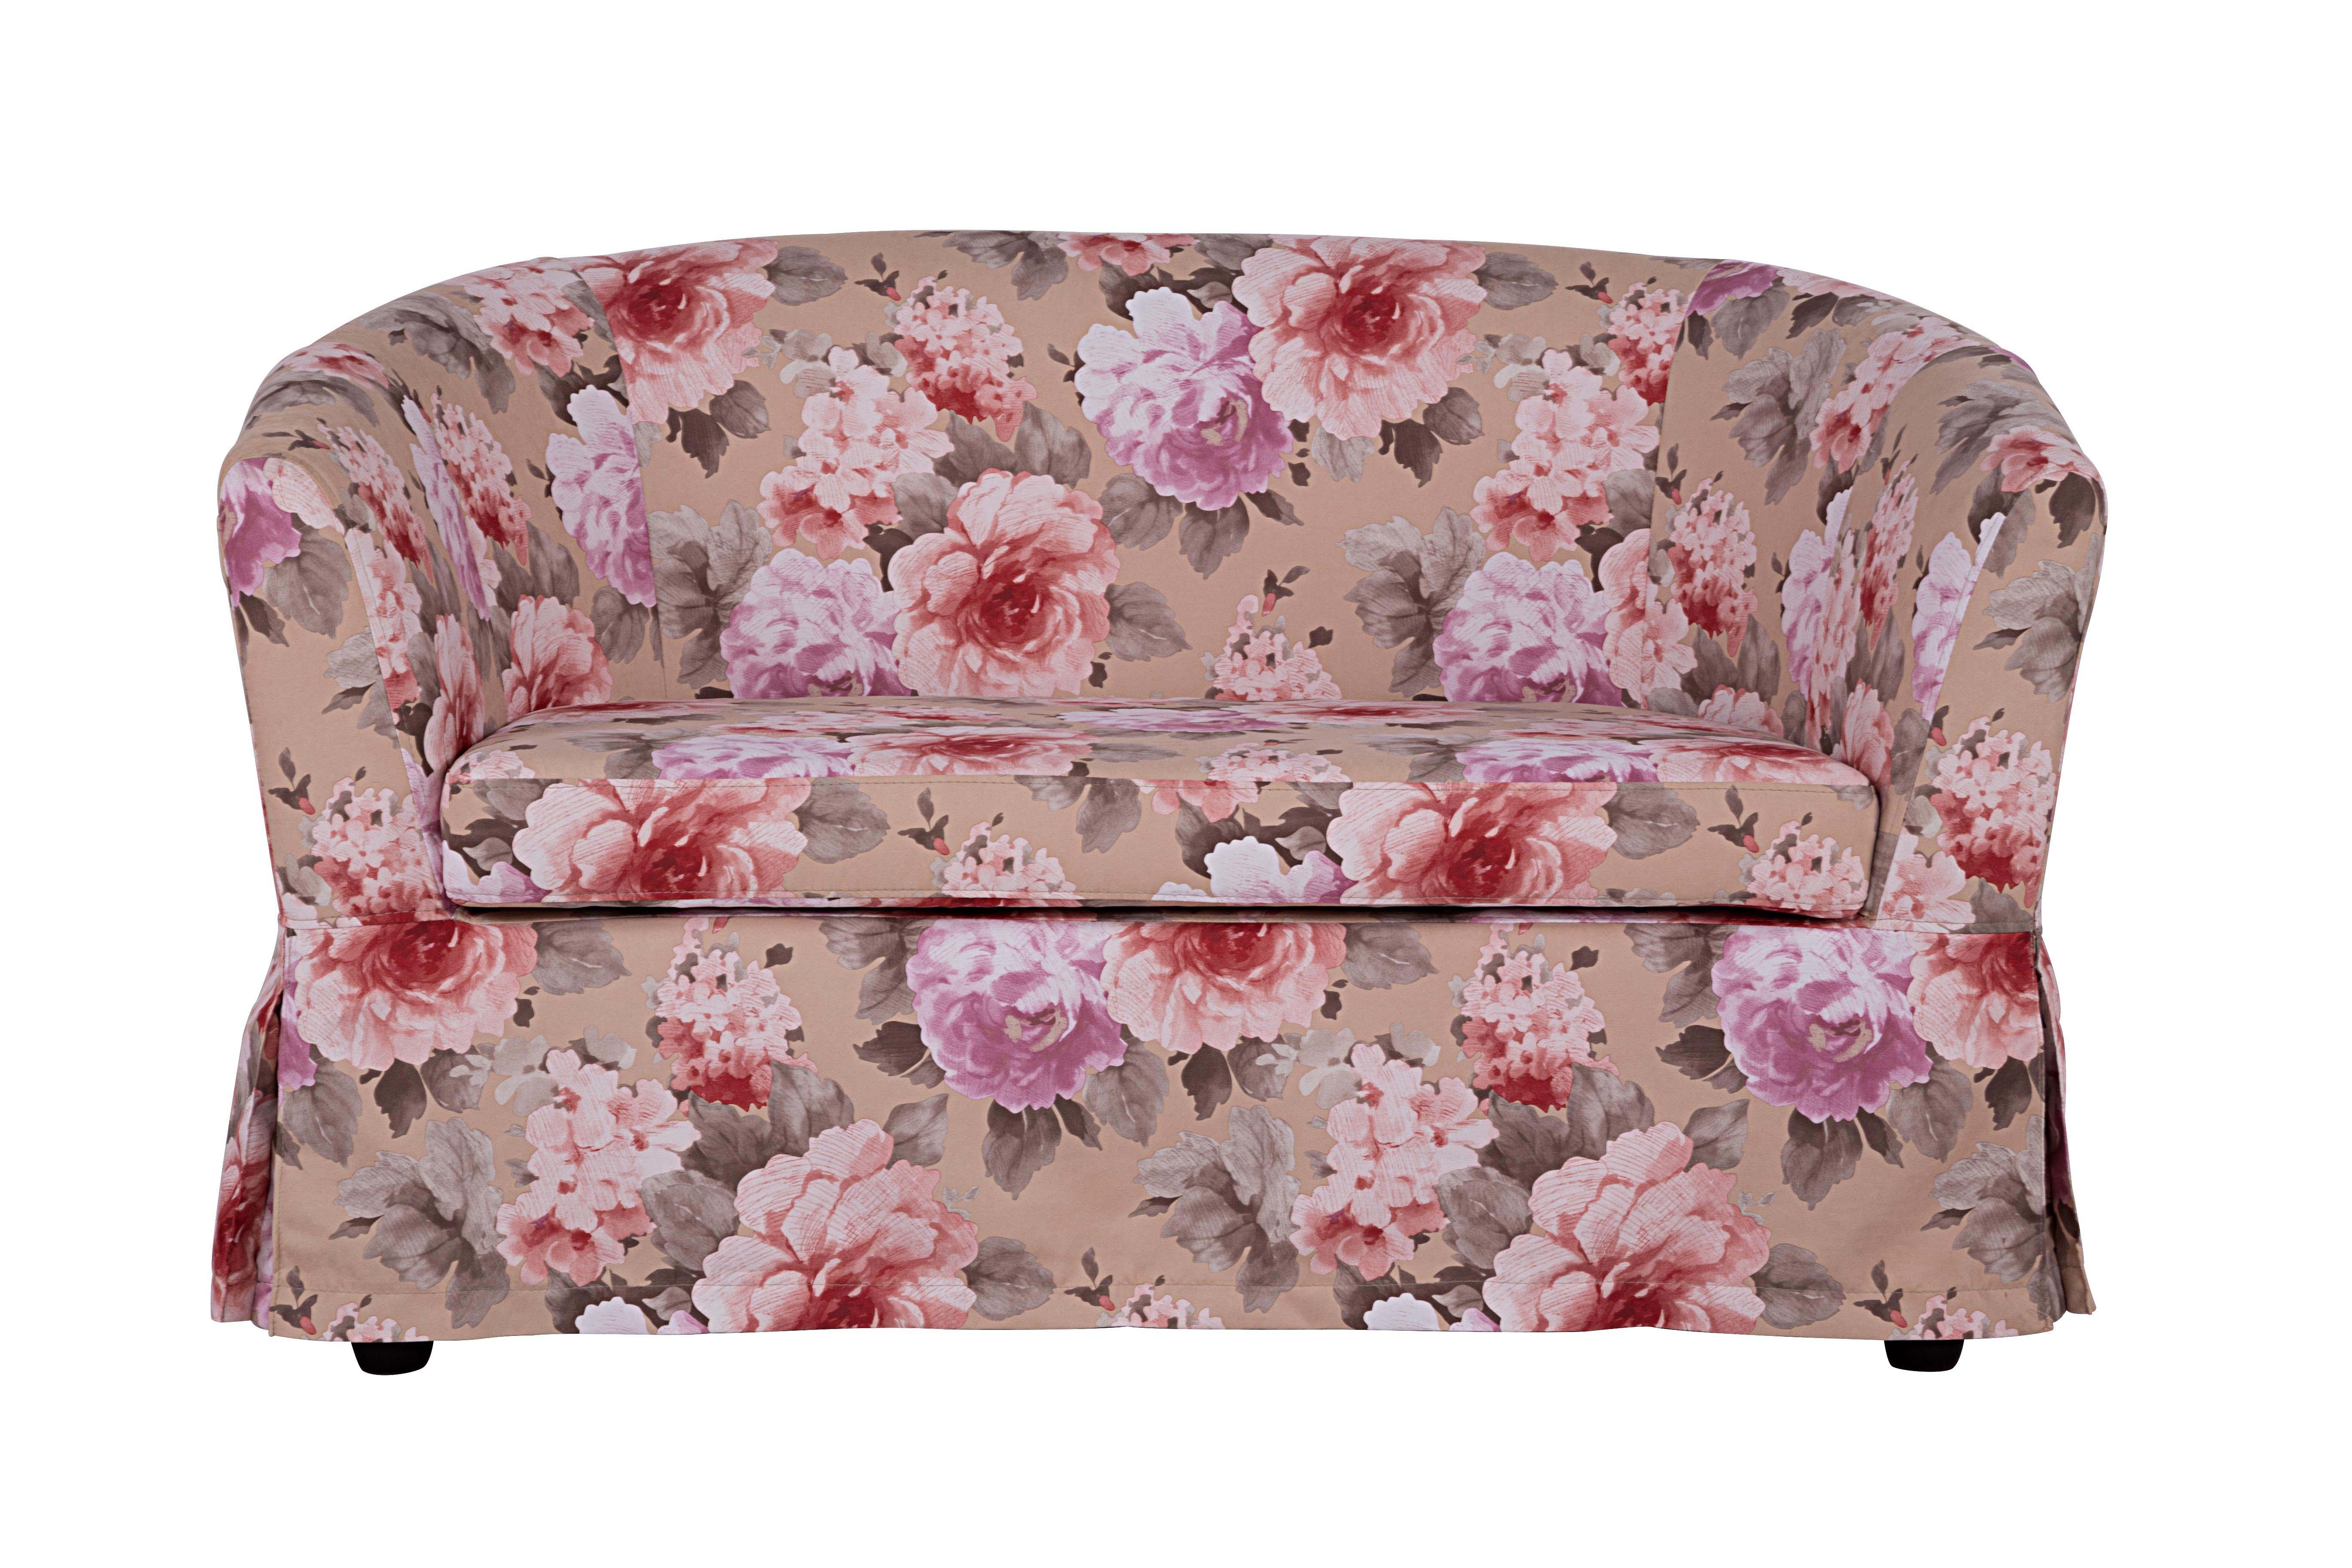 Диван ПарижДвухместные диваны<br>Вдохнуть запах моря и лаванды, не вставая с дивана... Этот кокетливый диван с игривой оборкой -- прекрасный образец прованского стиля. Но благодаря своей прочности, диван &amp;quot;Париж&amp;quot; будет радовать вас надолго дольше, чем поездка на юг Франции.&amp;amp;nbsp;<br><br>Material: Текстиль<br>Length см: None<br>Width см: 131<br>Depth см: 70<br>Height см: 80